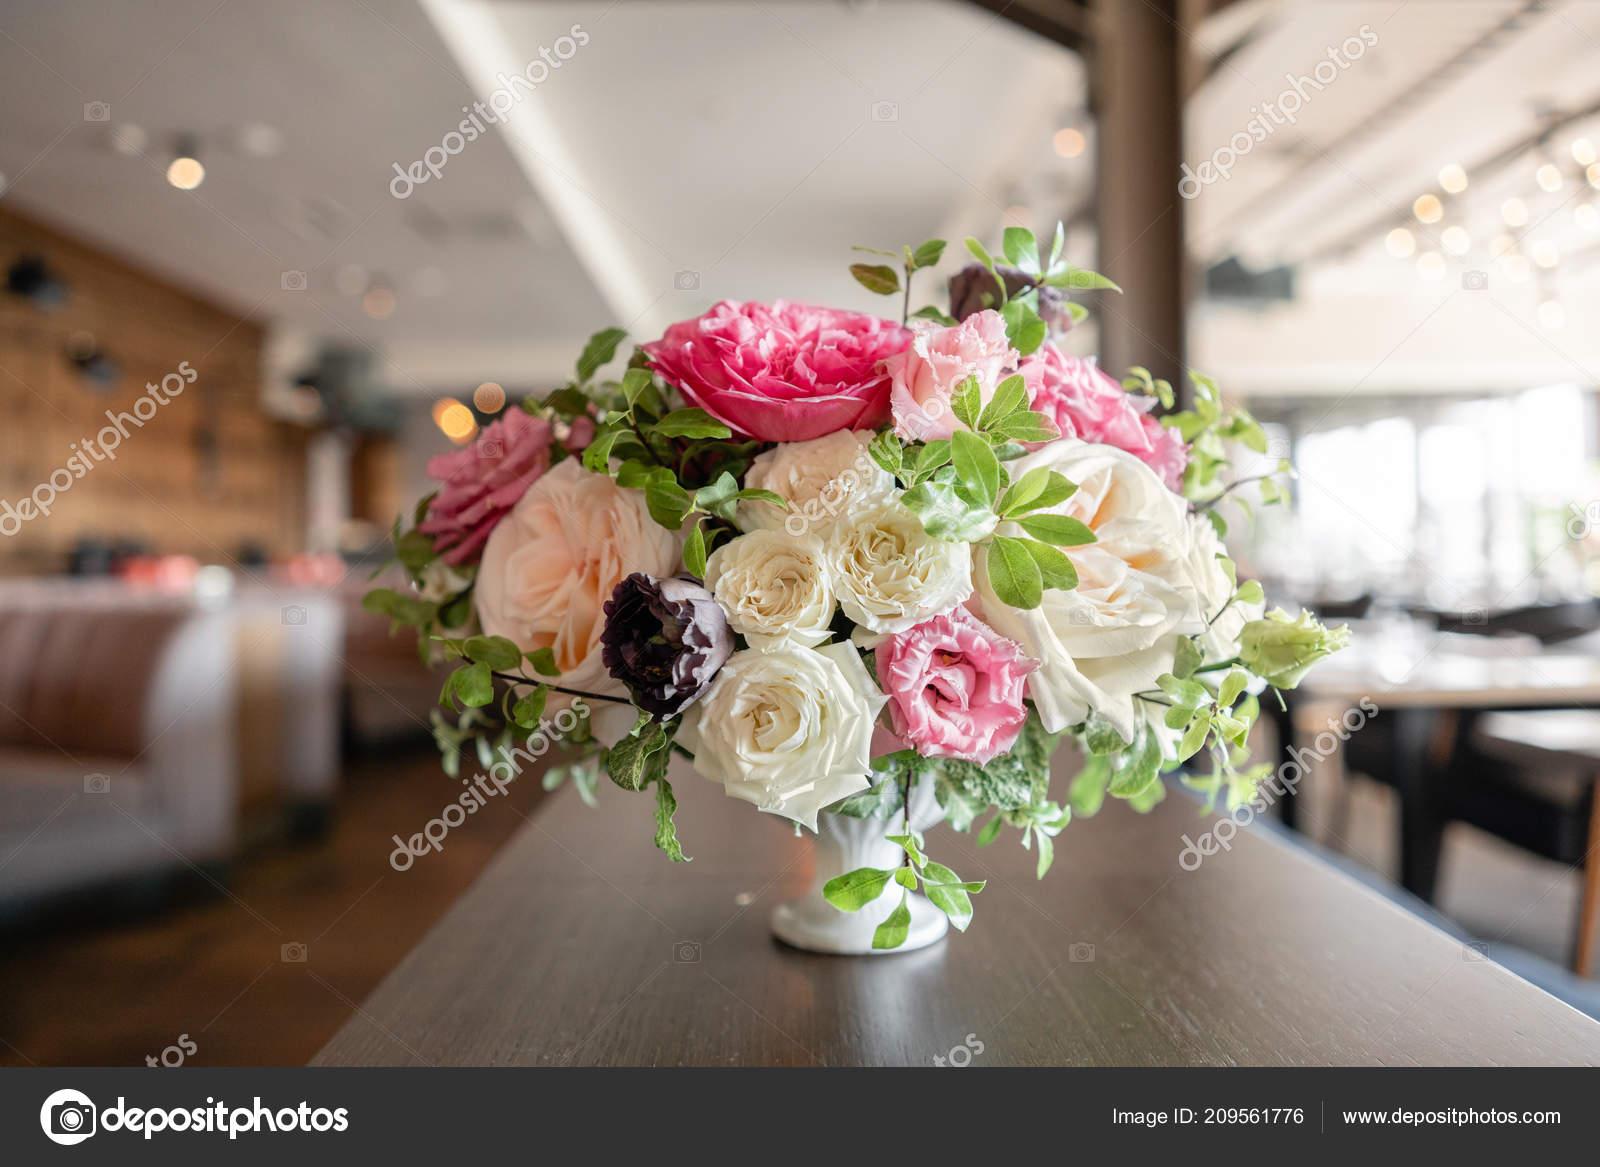 Anordnung Der Frischen Blumen In Pastellfarben Hochzeit Hintergrund